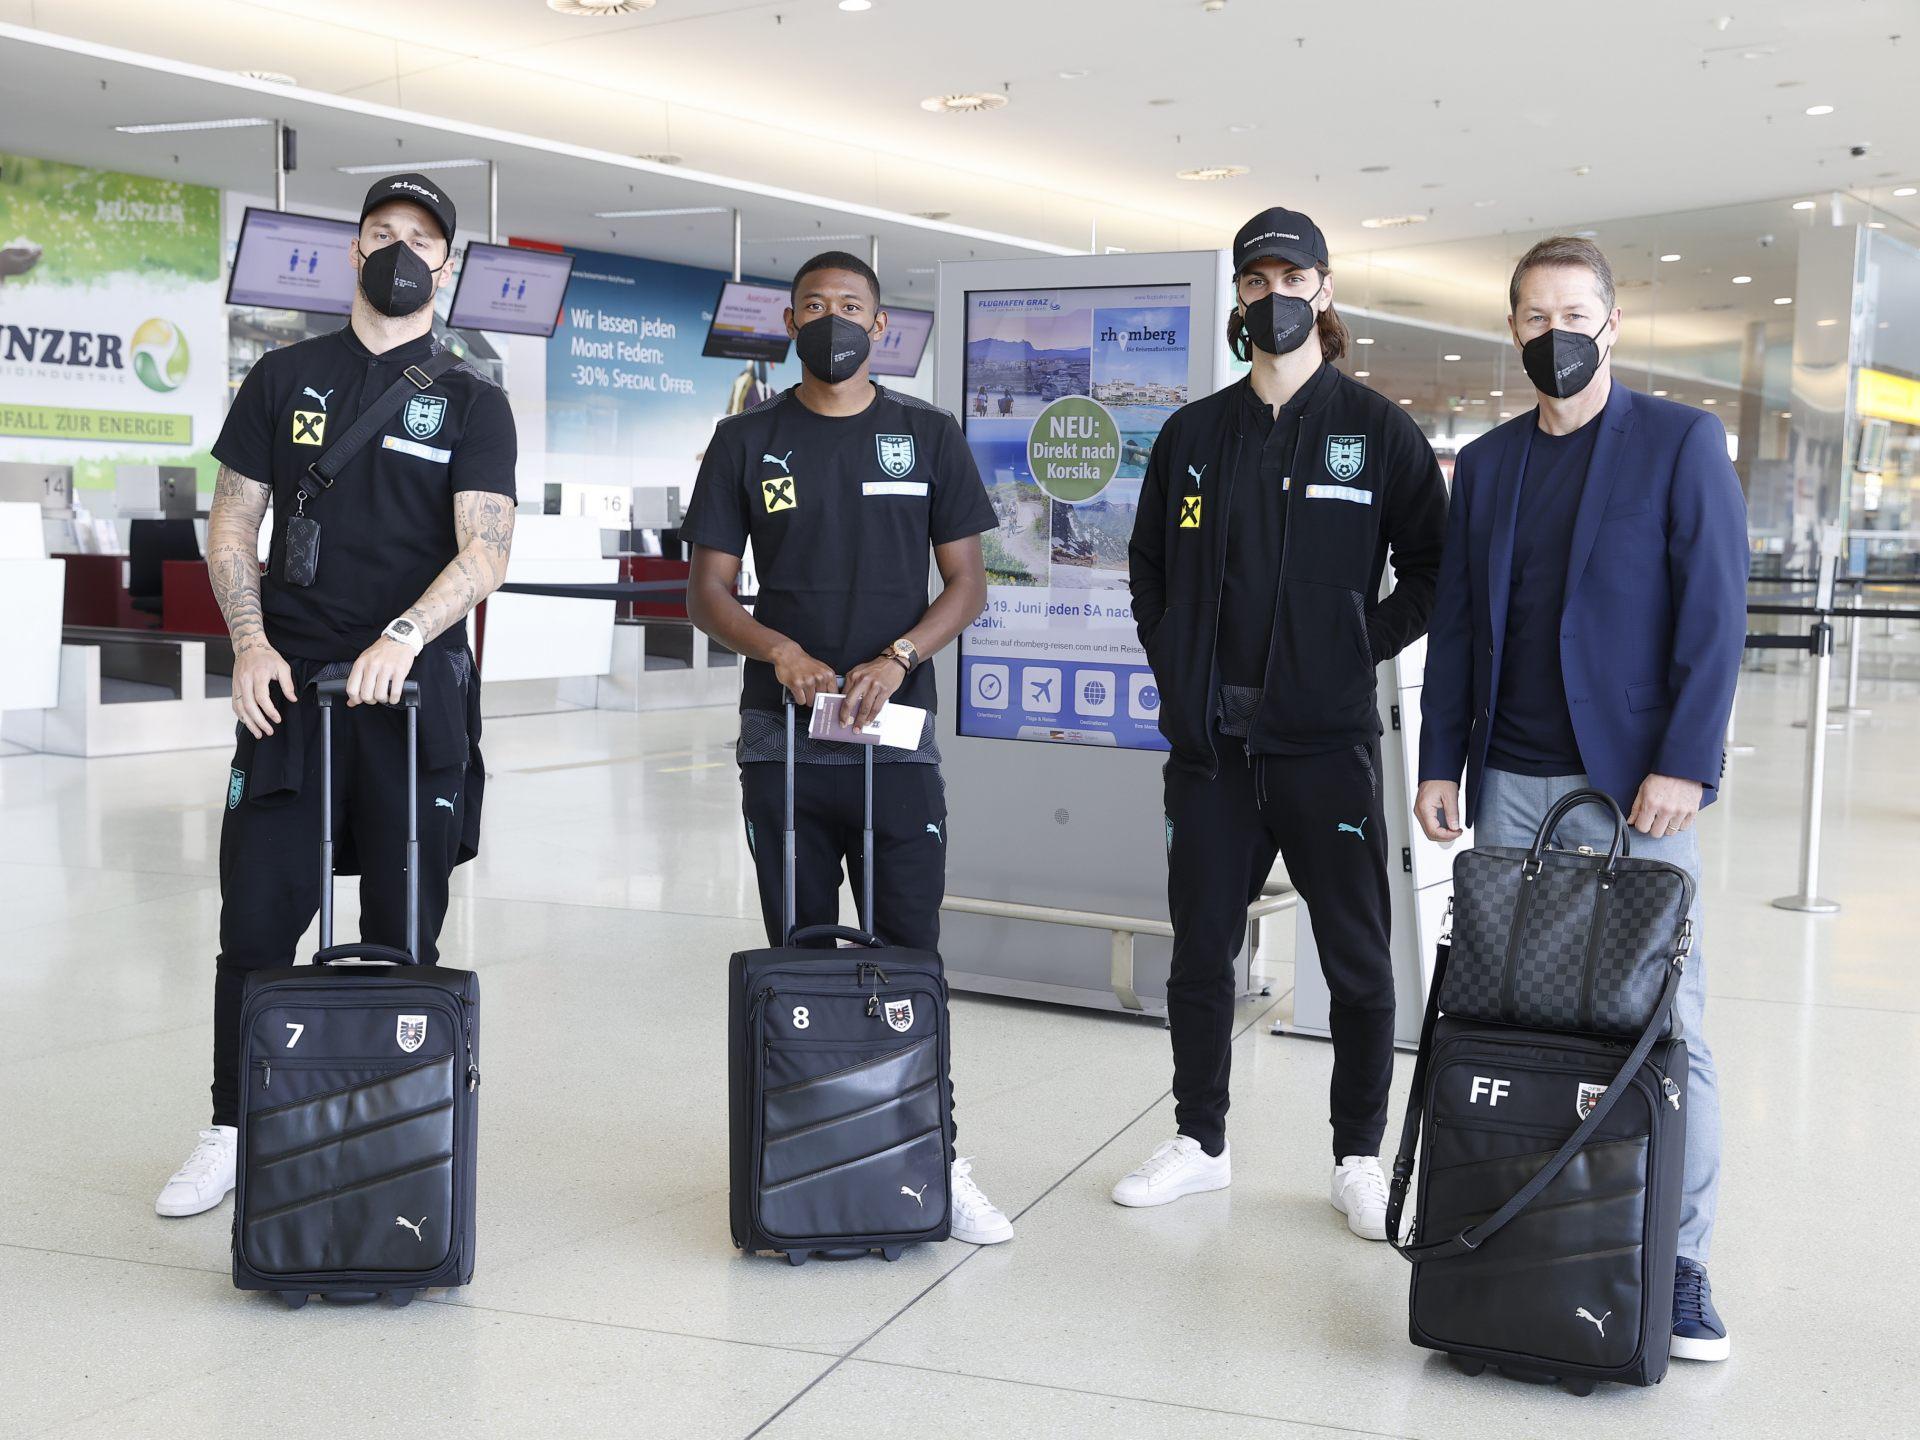 Fußball Deutschland England 2021